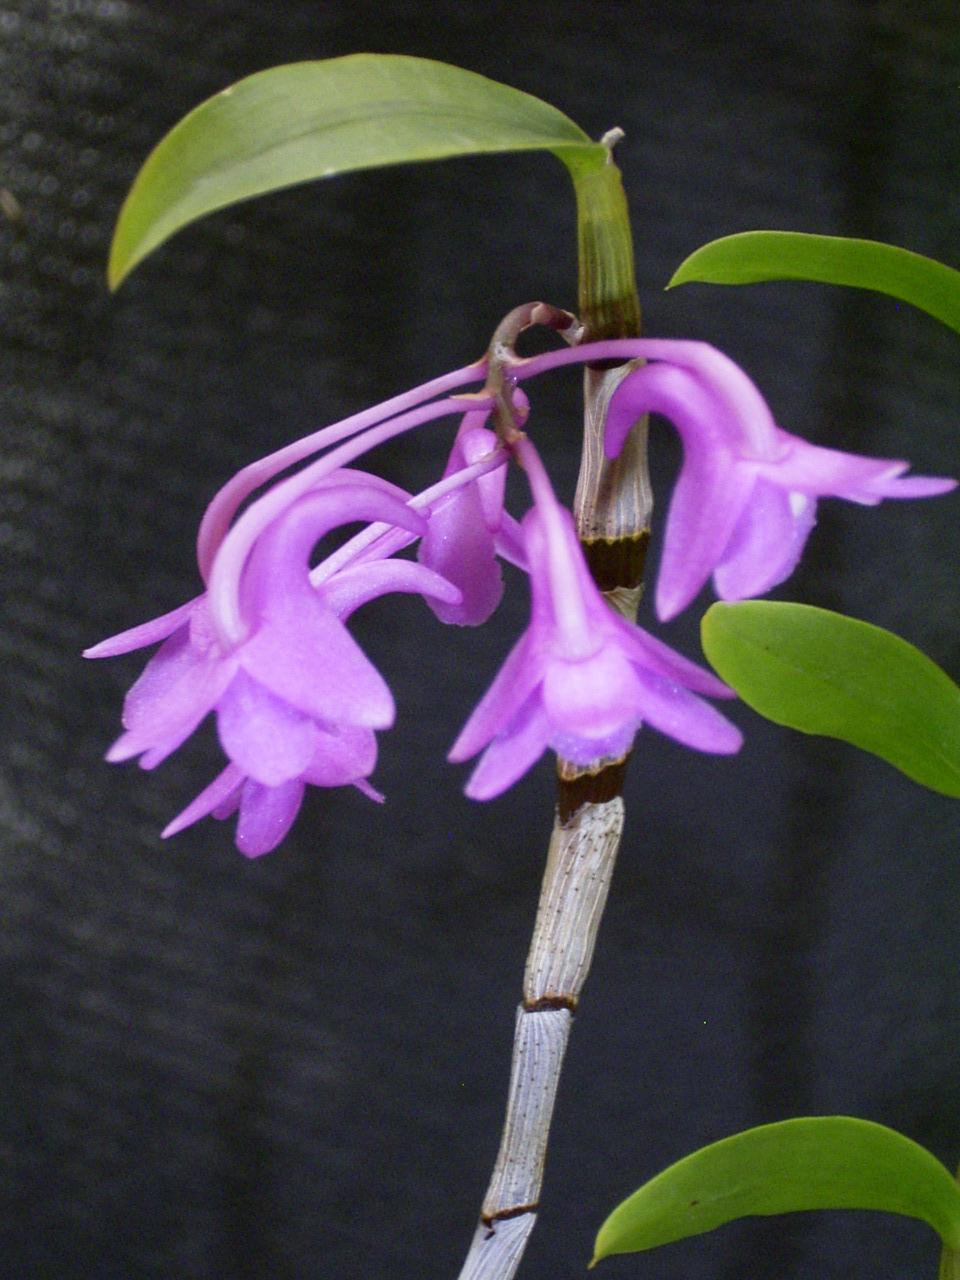 http://orchids.la.coocan.jp/Dendrobium/Dendrobium%20intricatum/R0043350.JPG